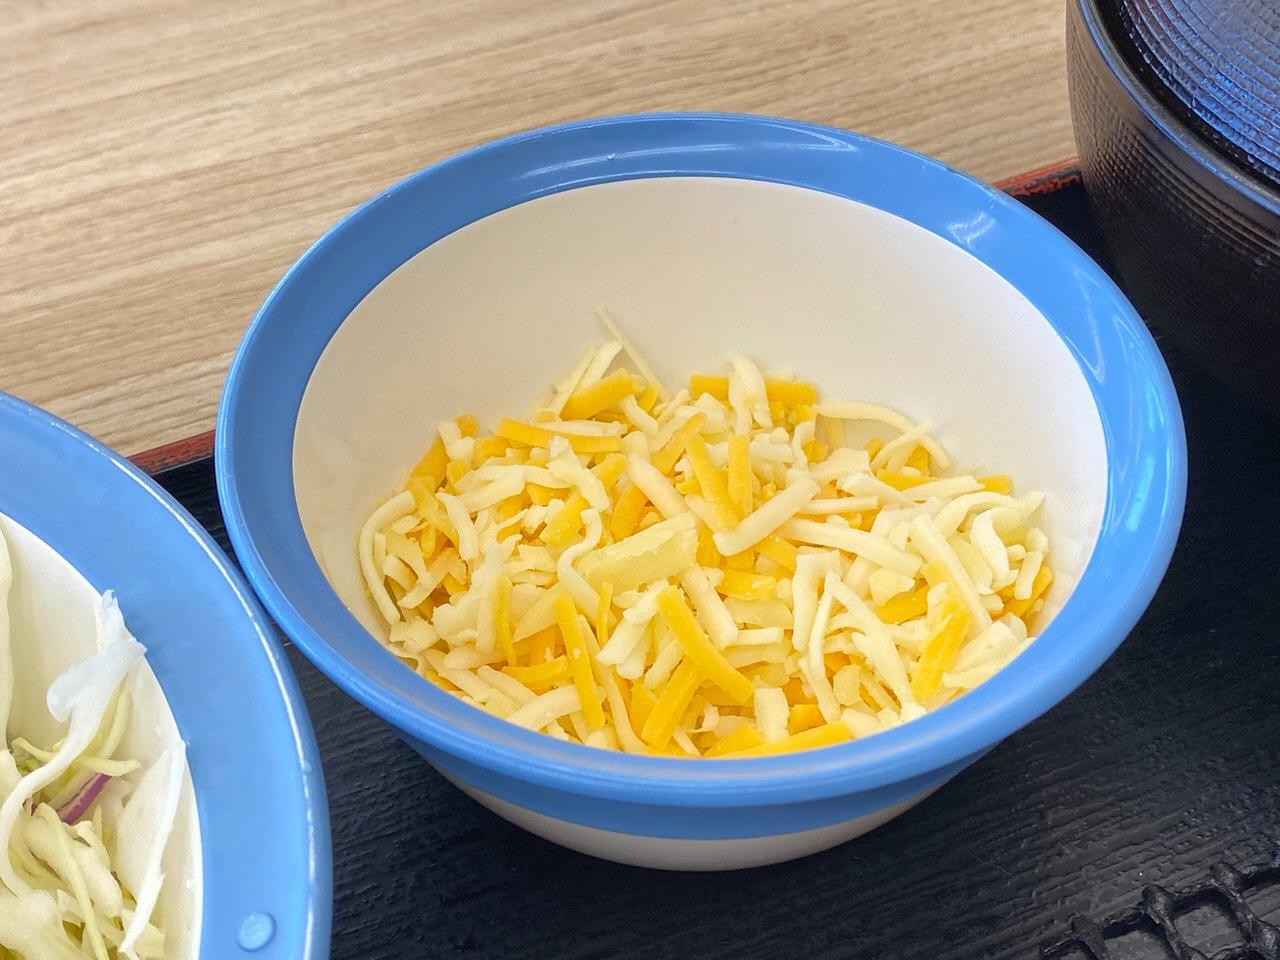 【松屋】復活した「シュクメルリ鍋」ニンニクチーズにさらに追いチーズ!最後の一口まで美味すぎた! 05